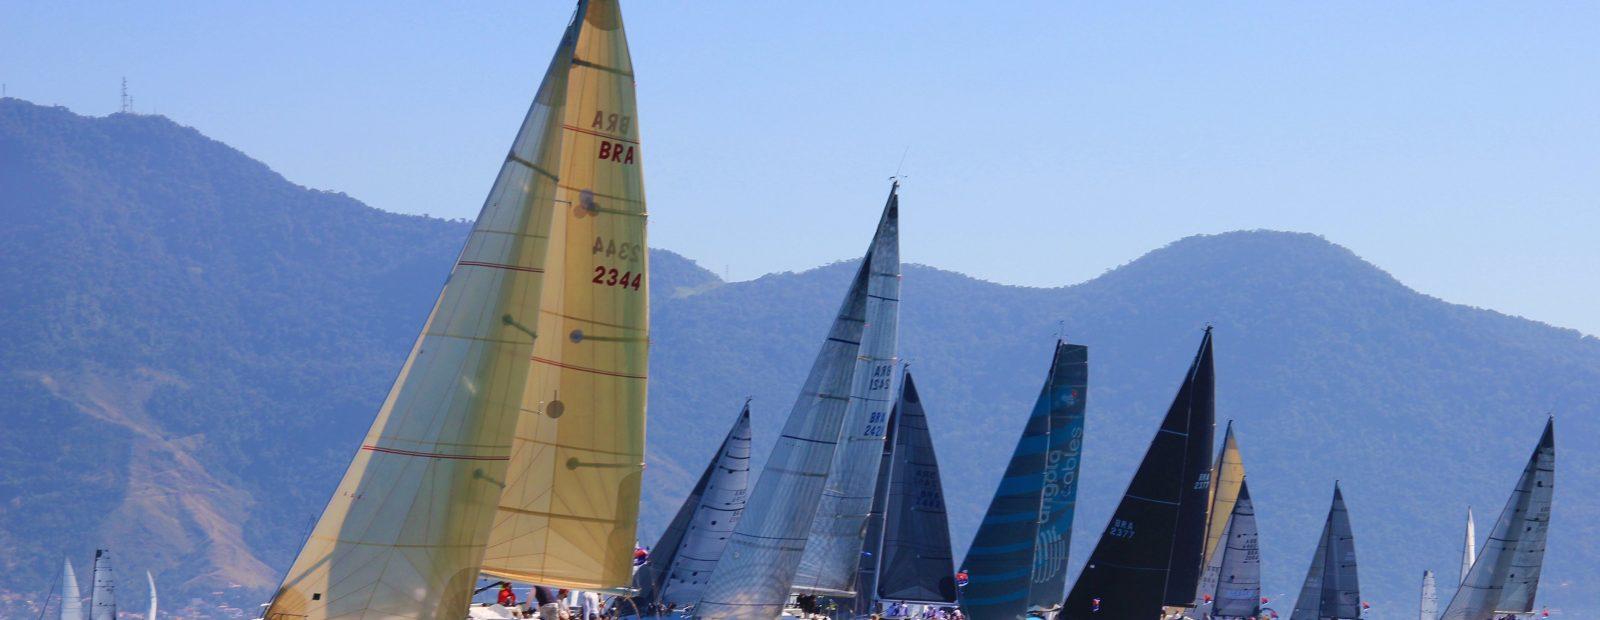 Por mais um ano Ilhabela receberá velejadores de todo Brasil Foto: Christina Volpe/Webventure